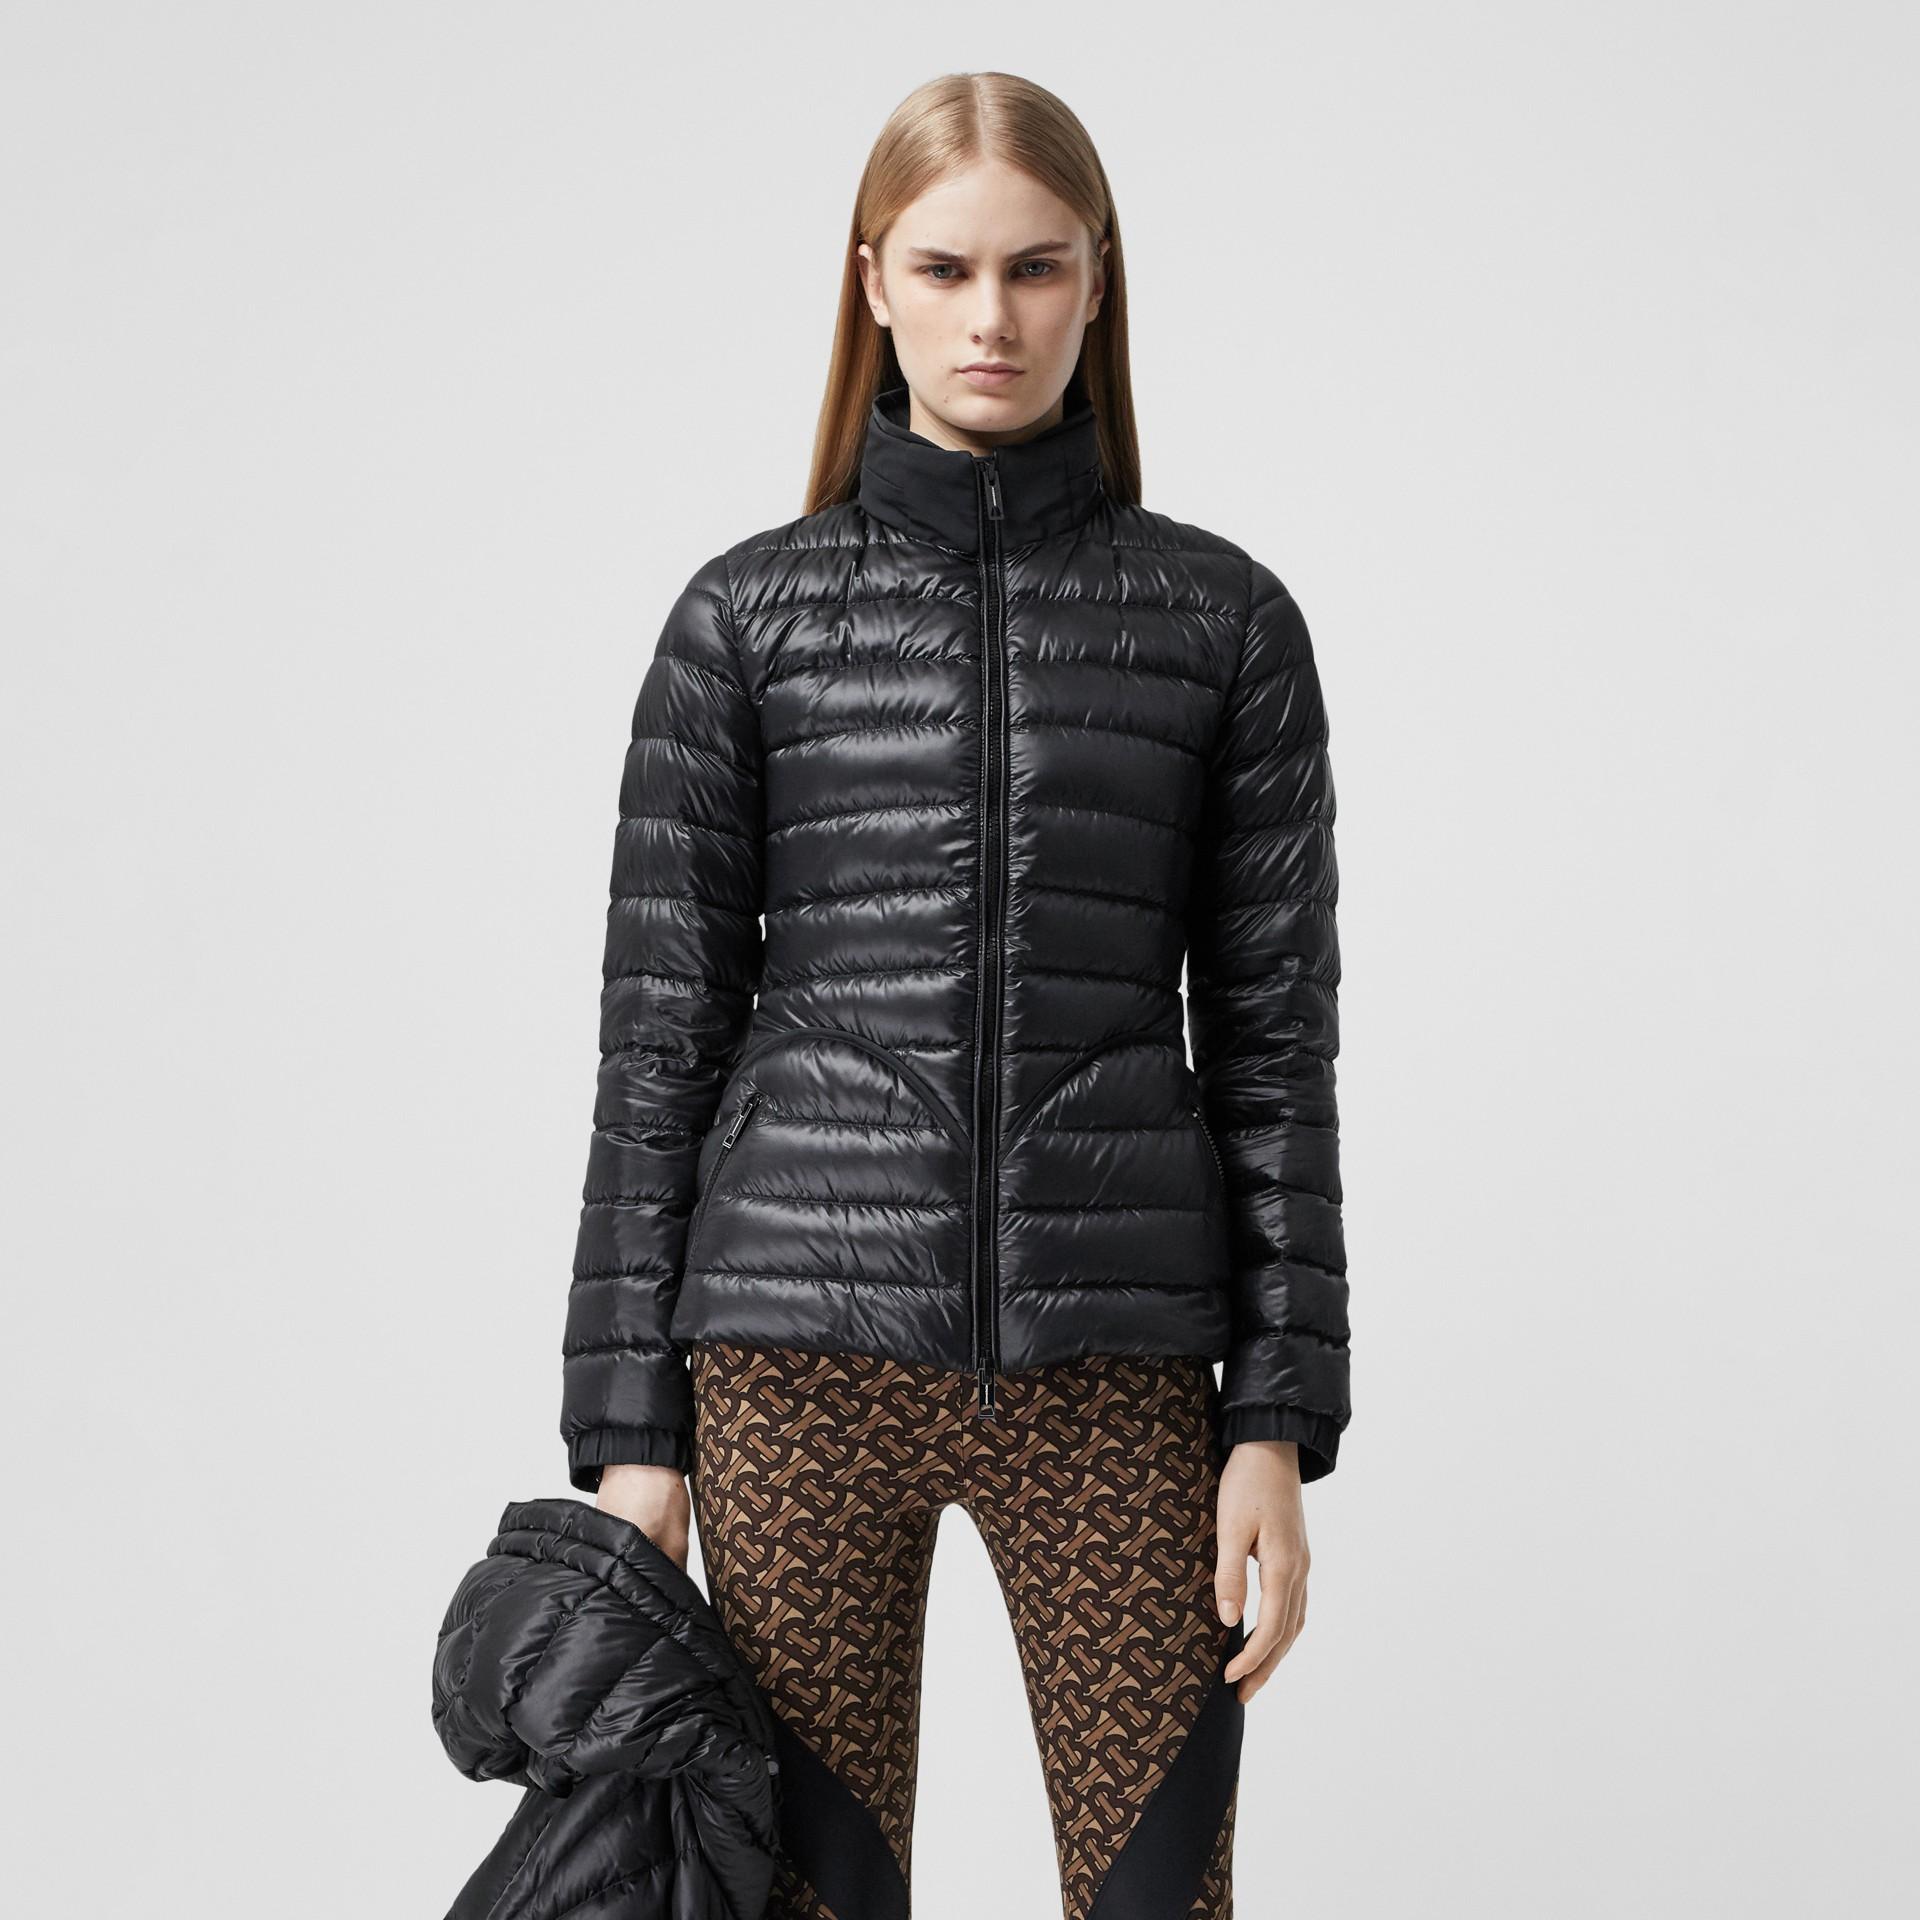 Packaway Hood Peplum Puffer Jacket in Black - Women   Burberry United Kingdom - gallery image 5